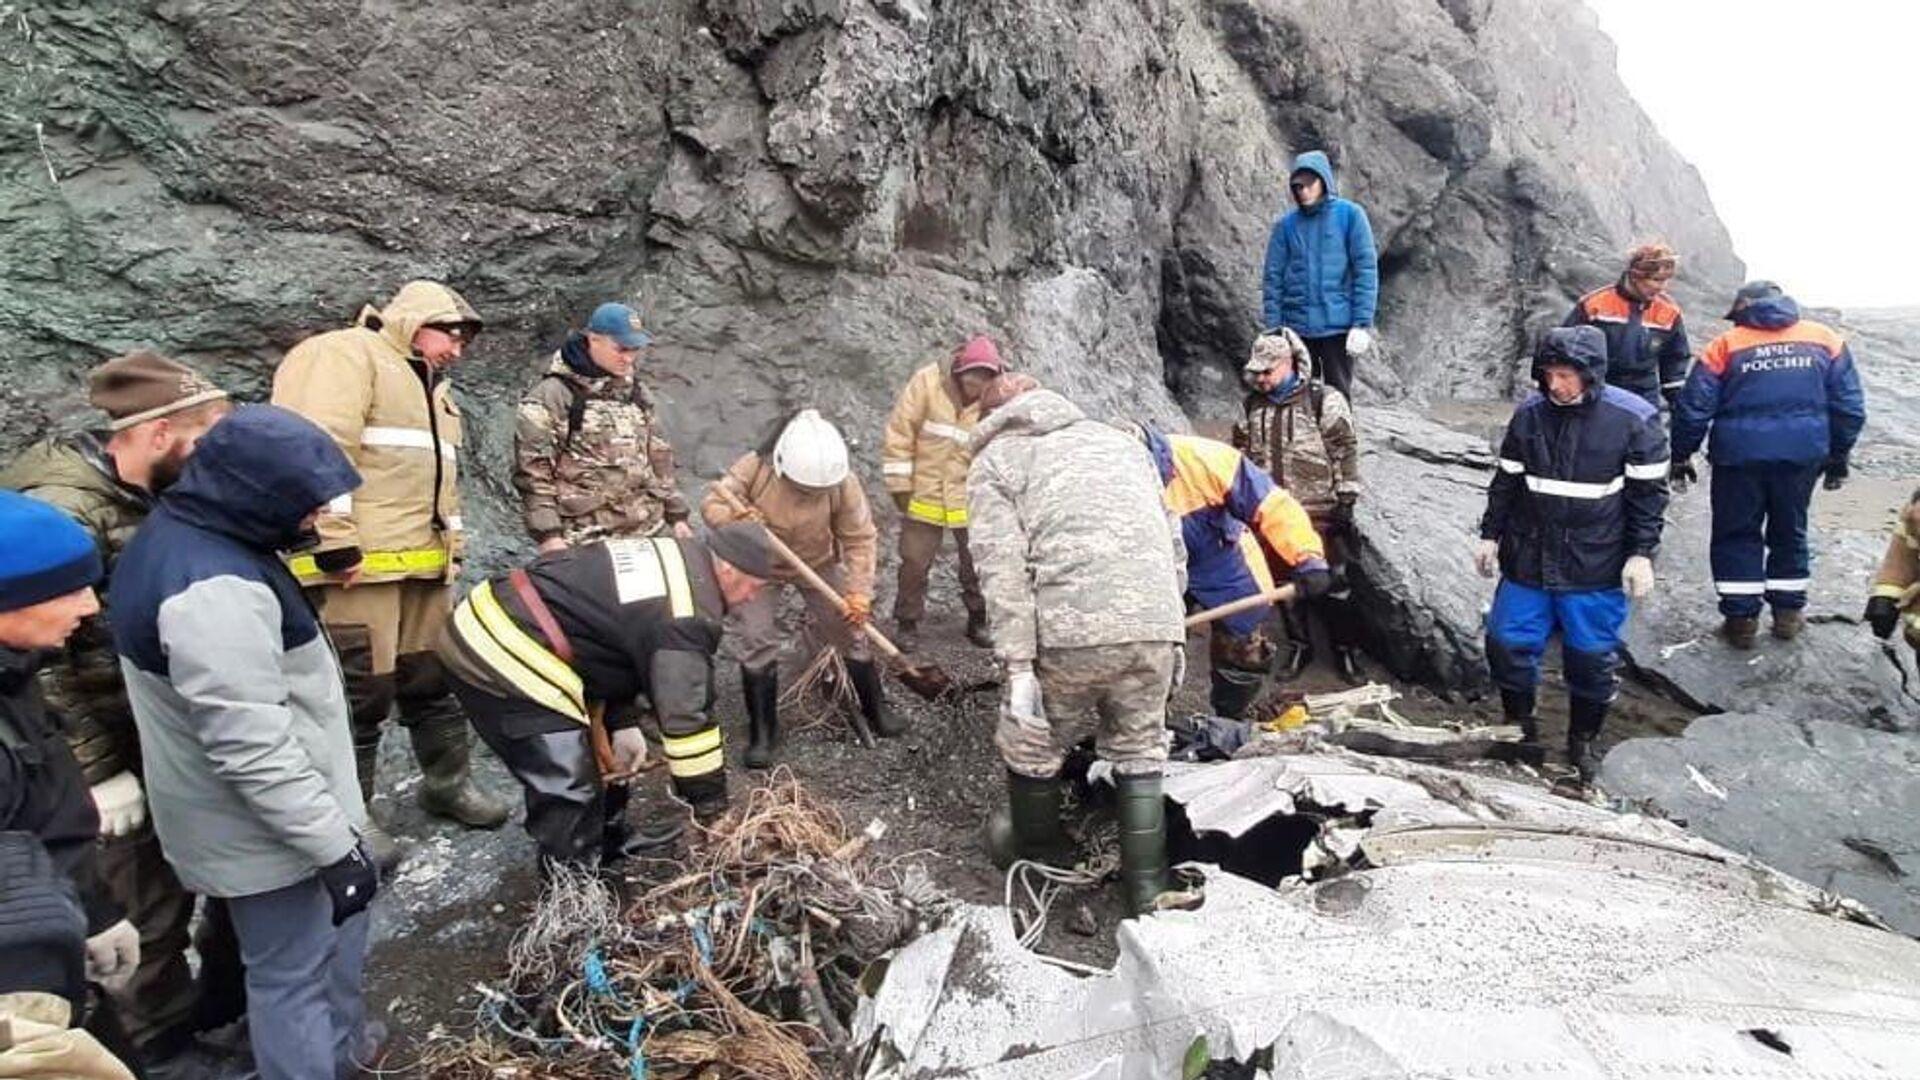 МАК опубликовал промежуточный отчет по катастрофе Ан-26 на Камчатке